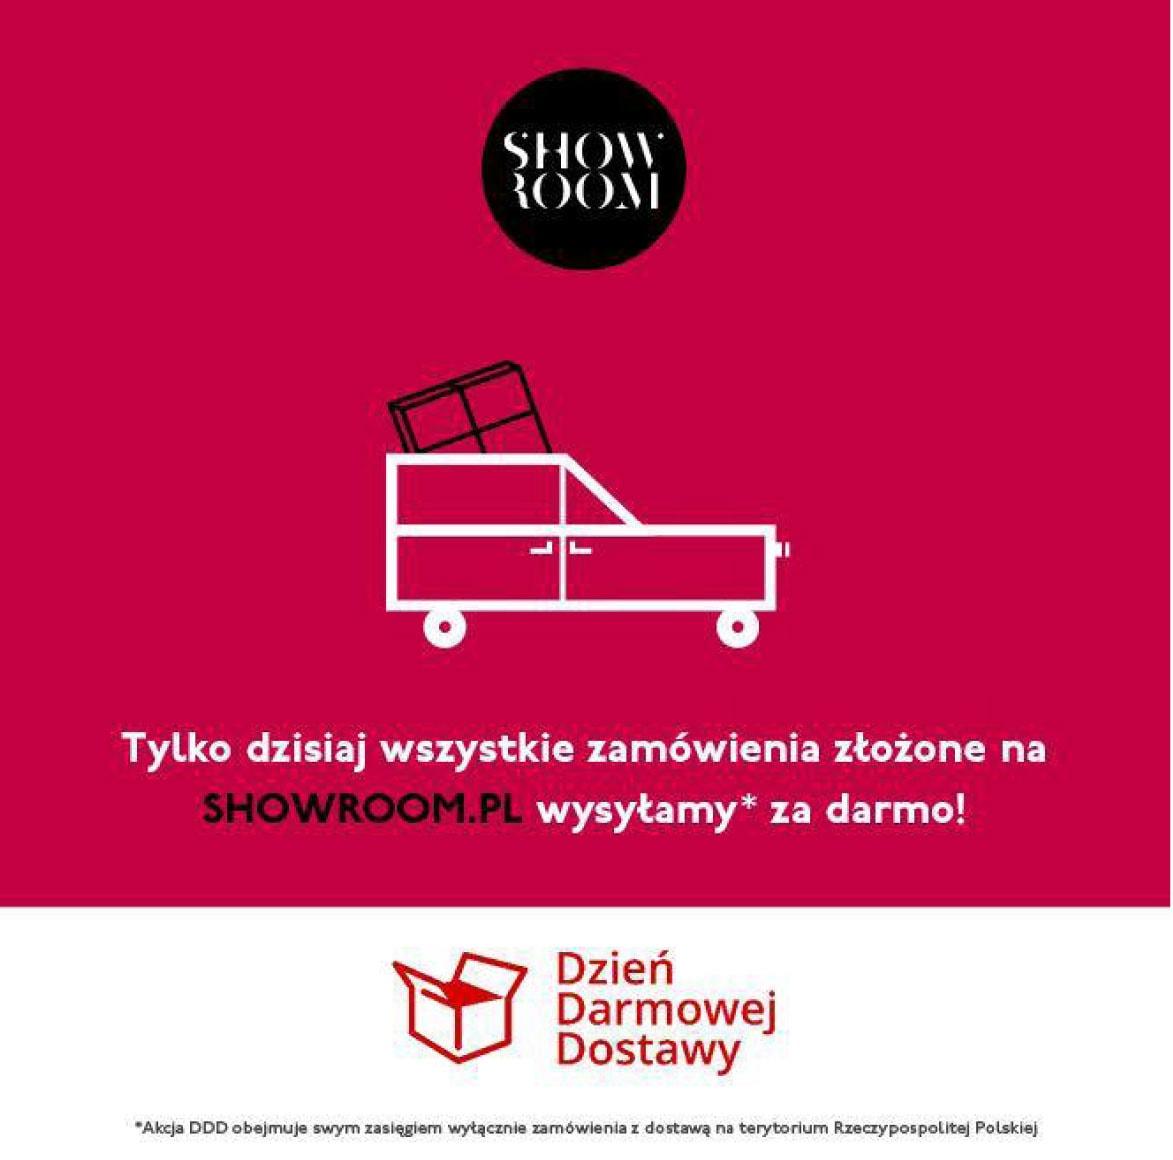 Grafika z informacją o dniu darmowej dostawy z profilu firmy Show-room.pl